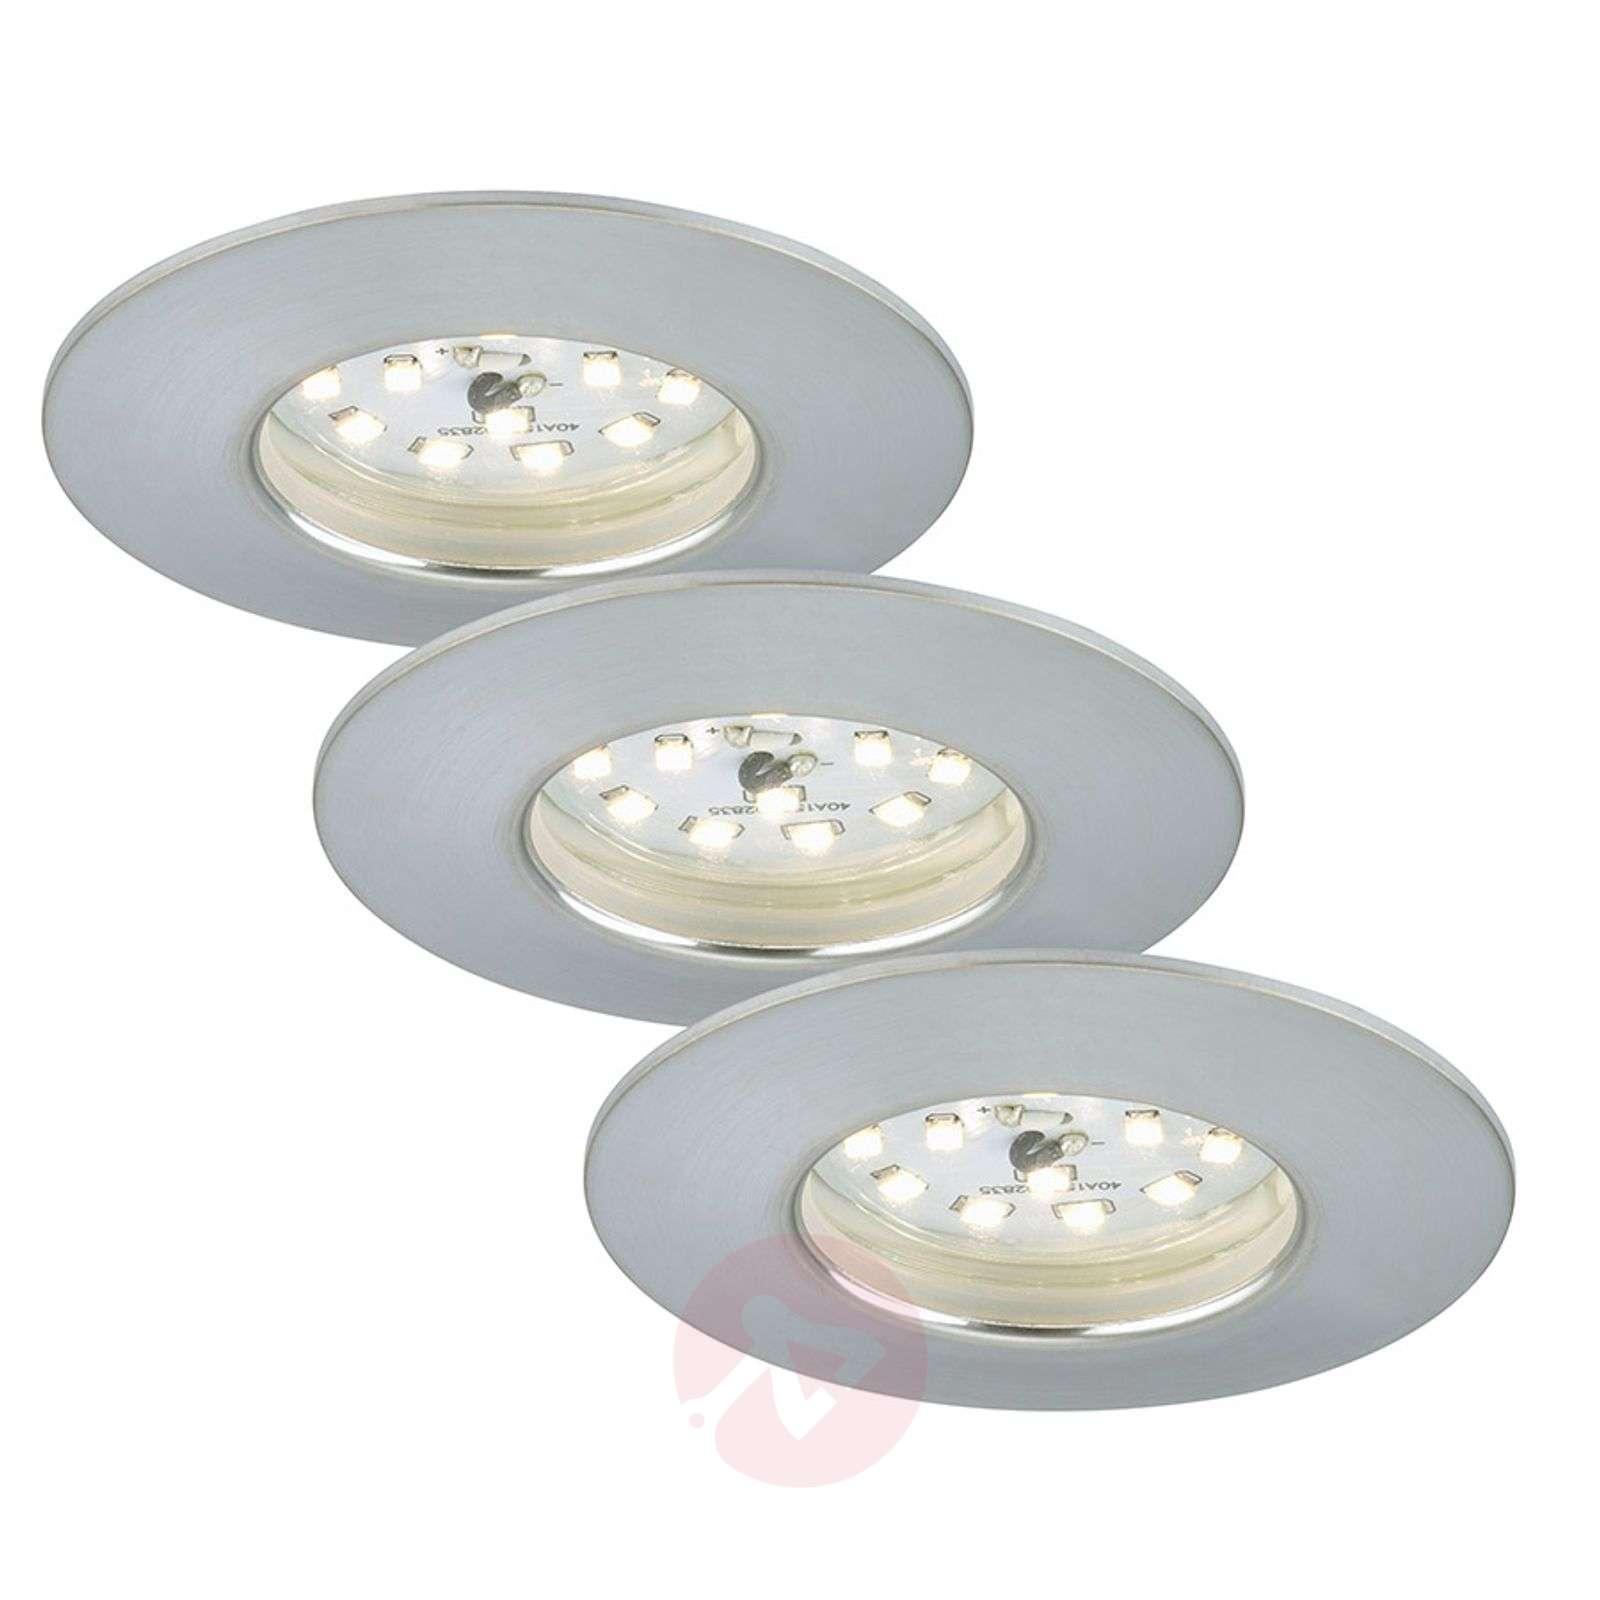 Felia-LED-uppovalaisin IP44, 3 kpl:n setti-1510321X-01